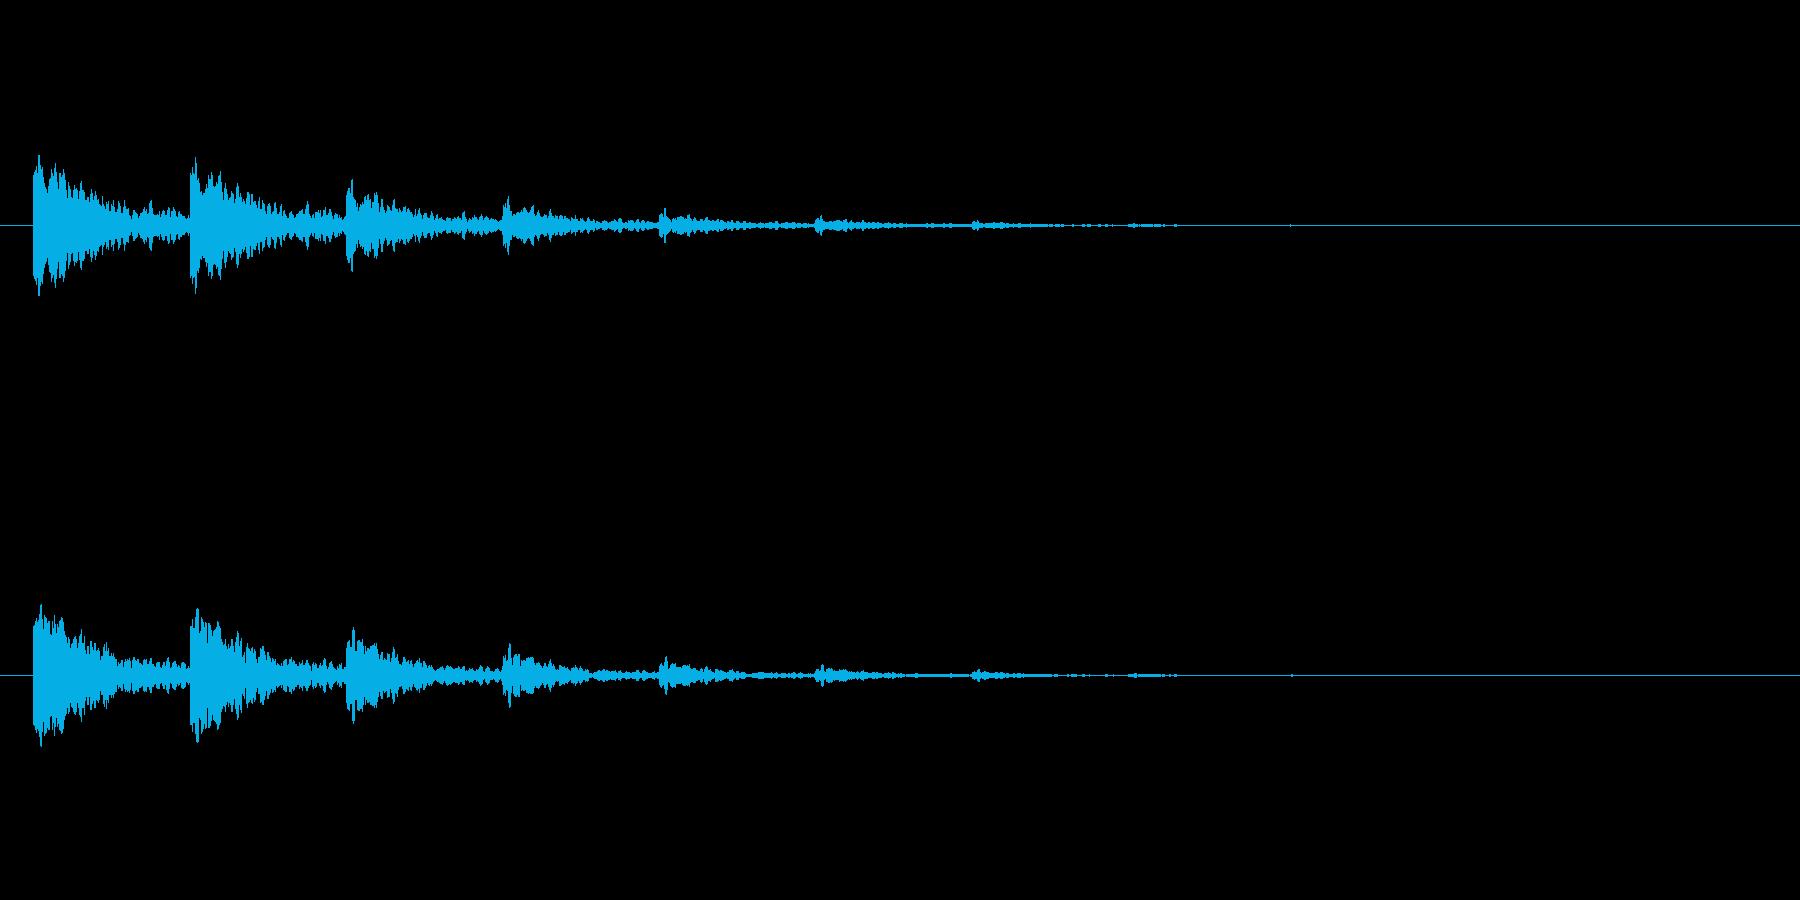 【アクセント21-4】の再生済みの波形